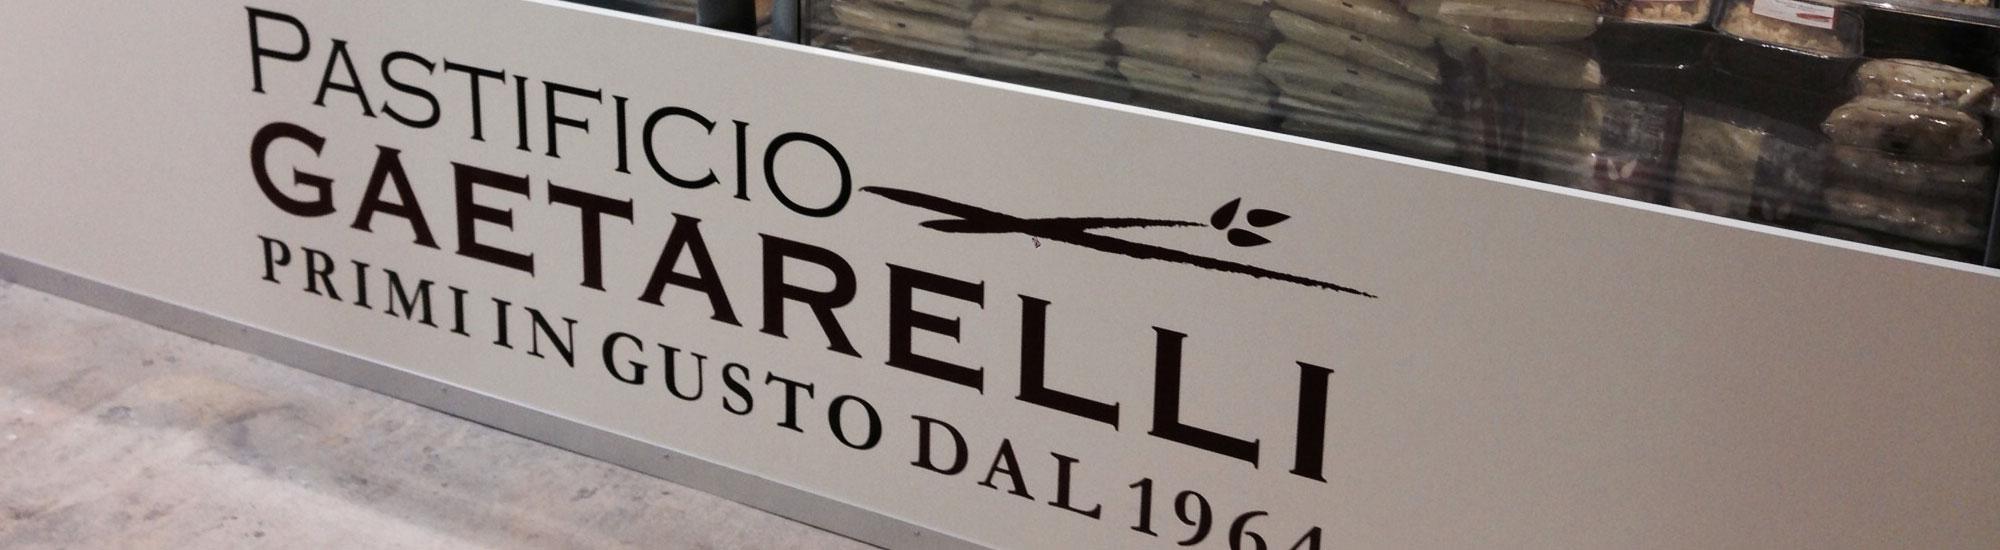 Vendita di pasta fresca all'uovo a Brescia